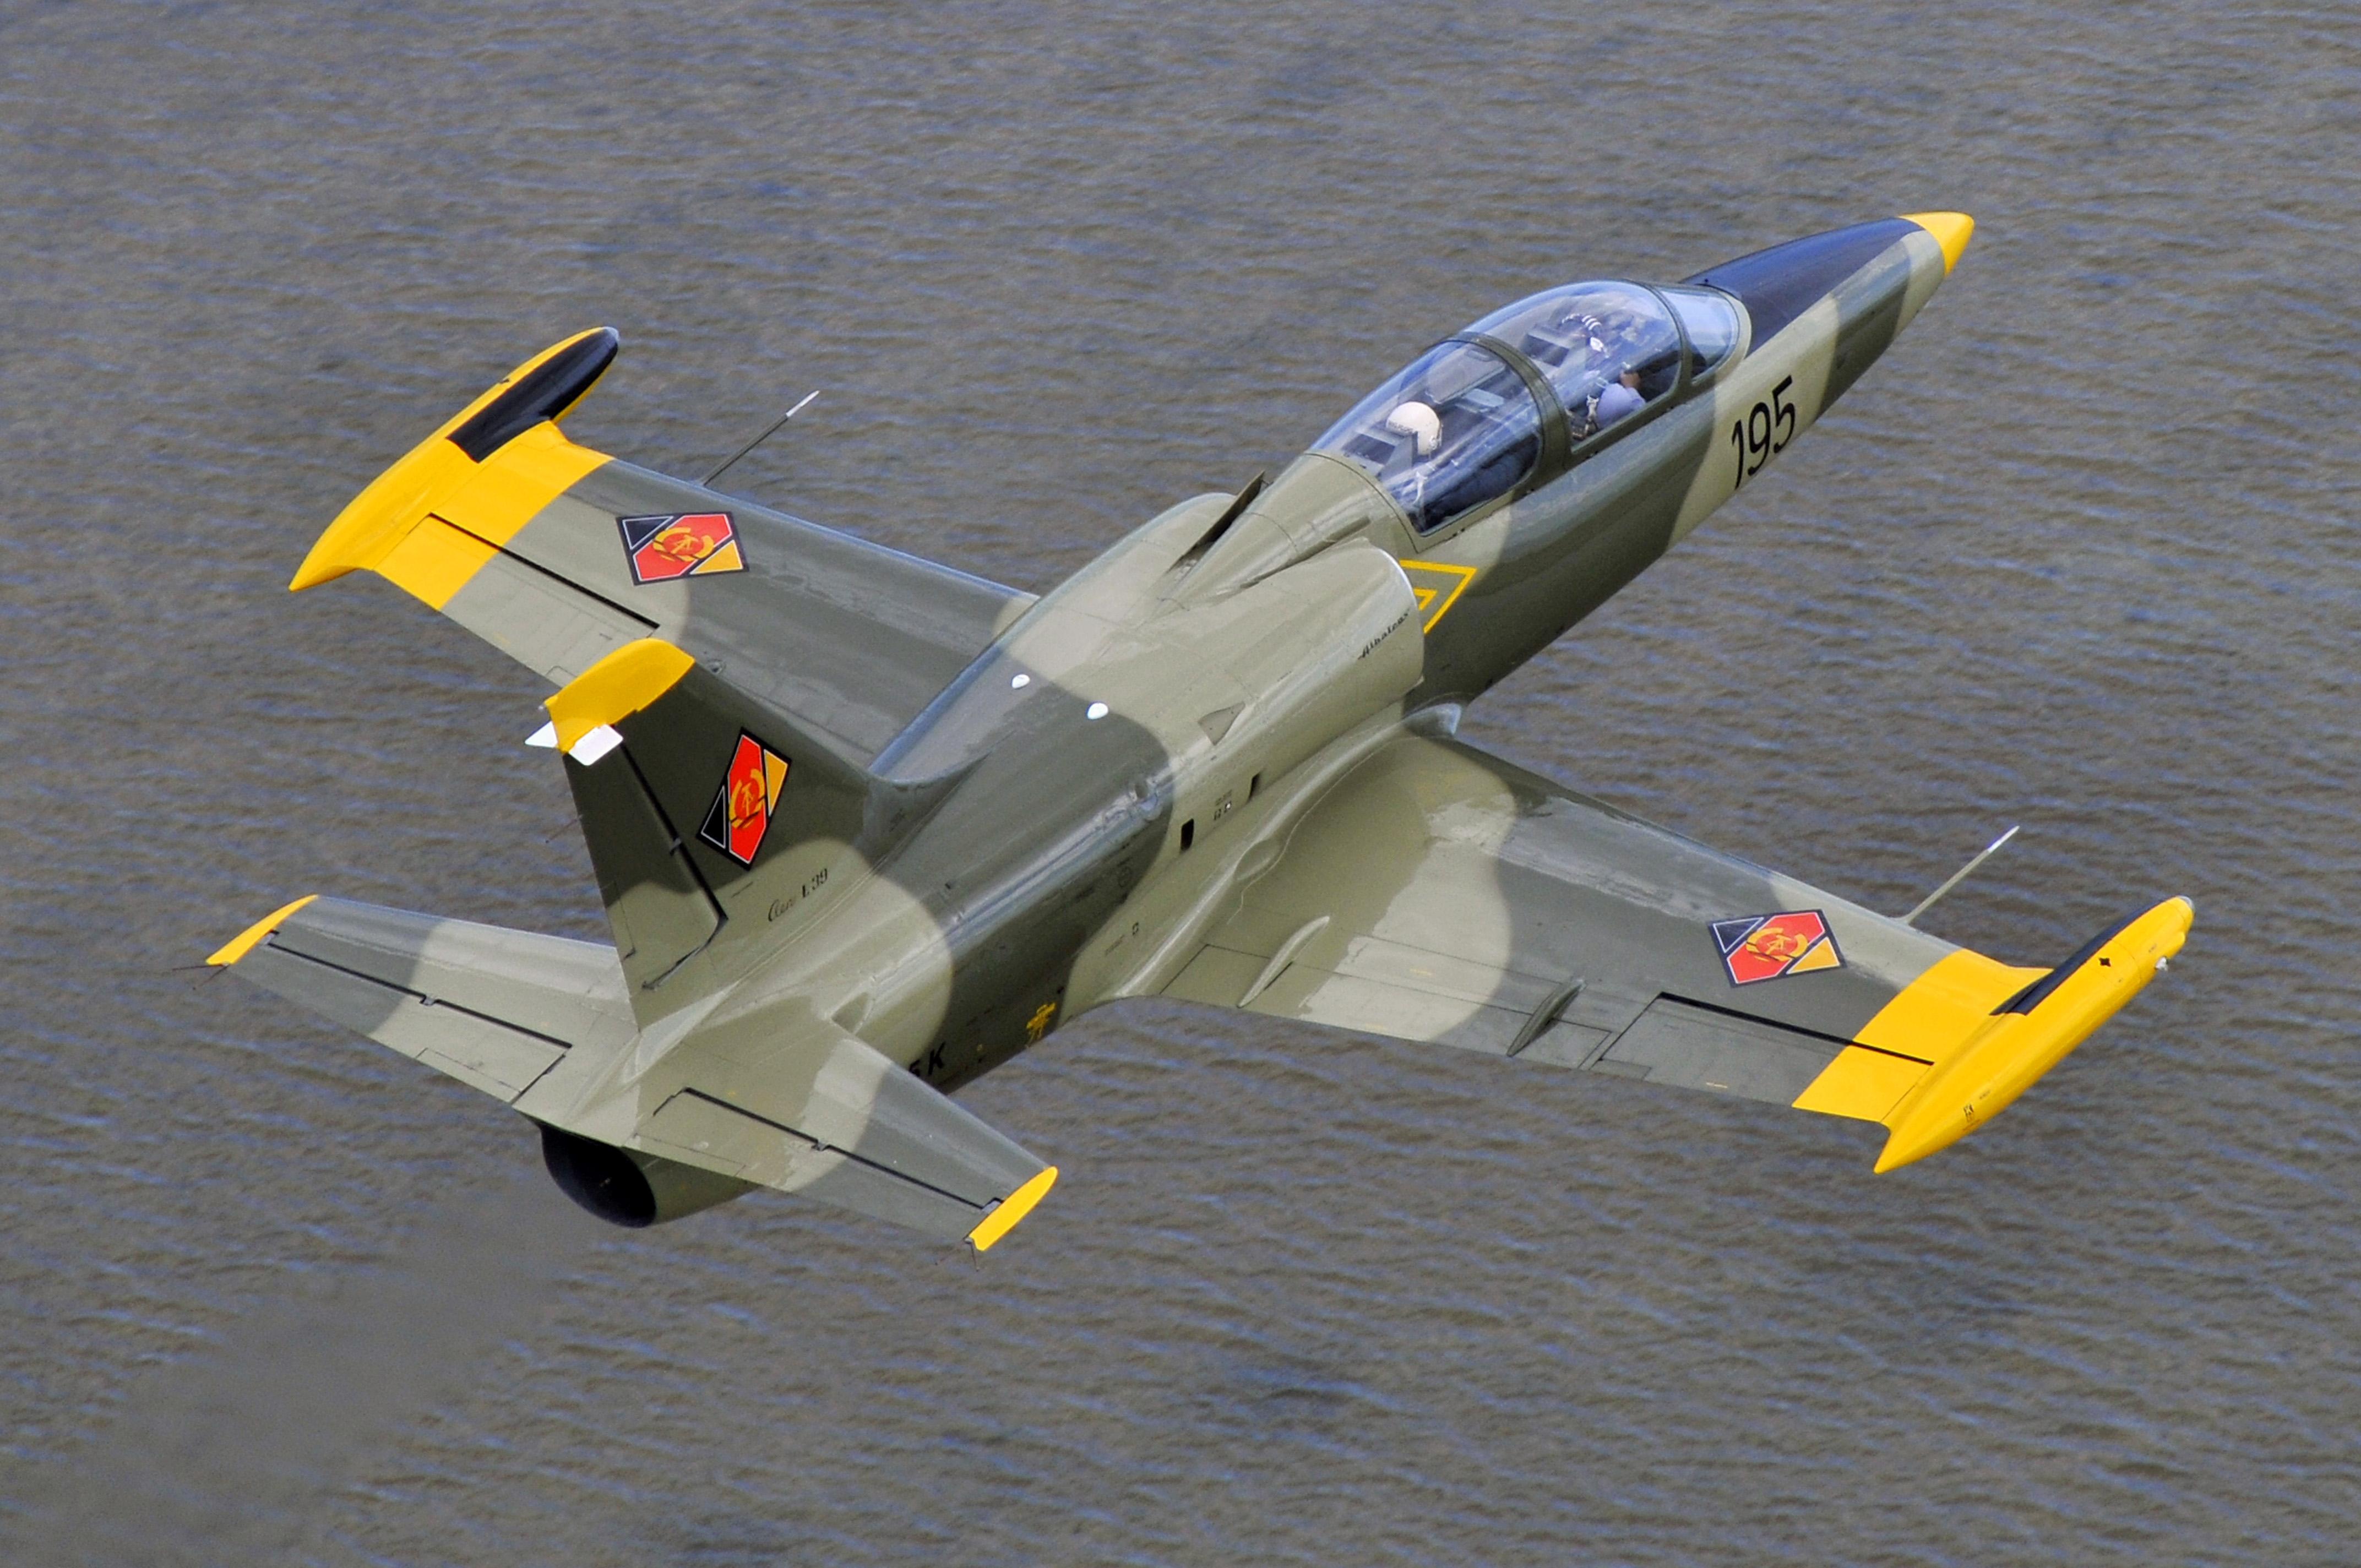 Fly Jet